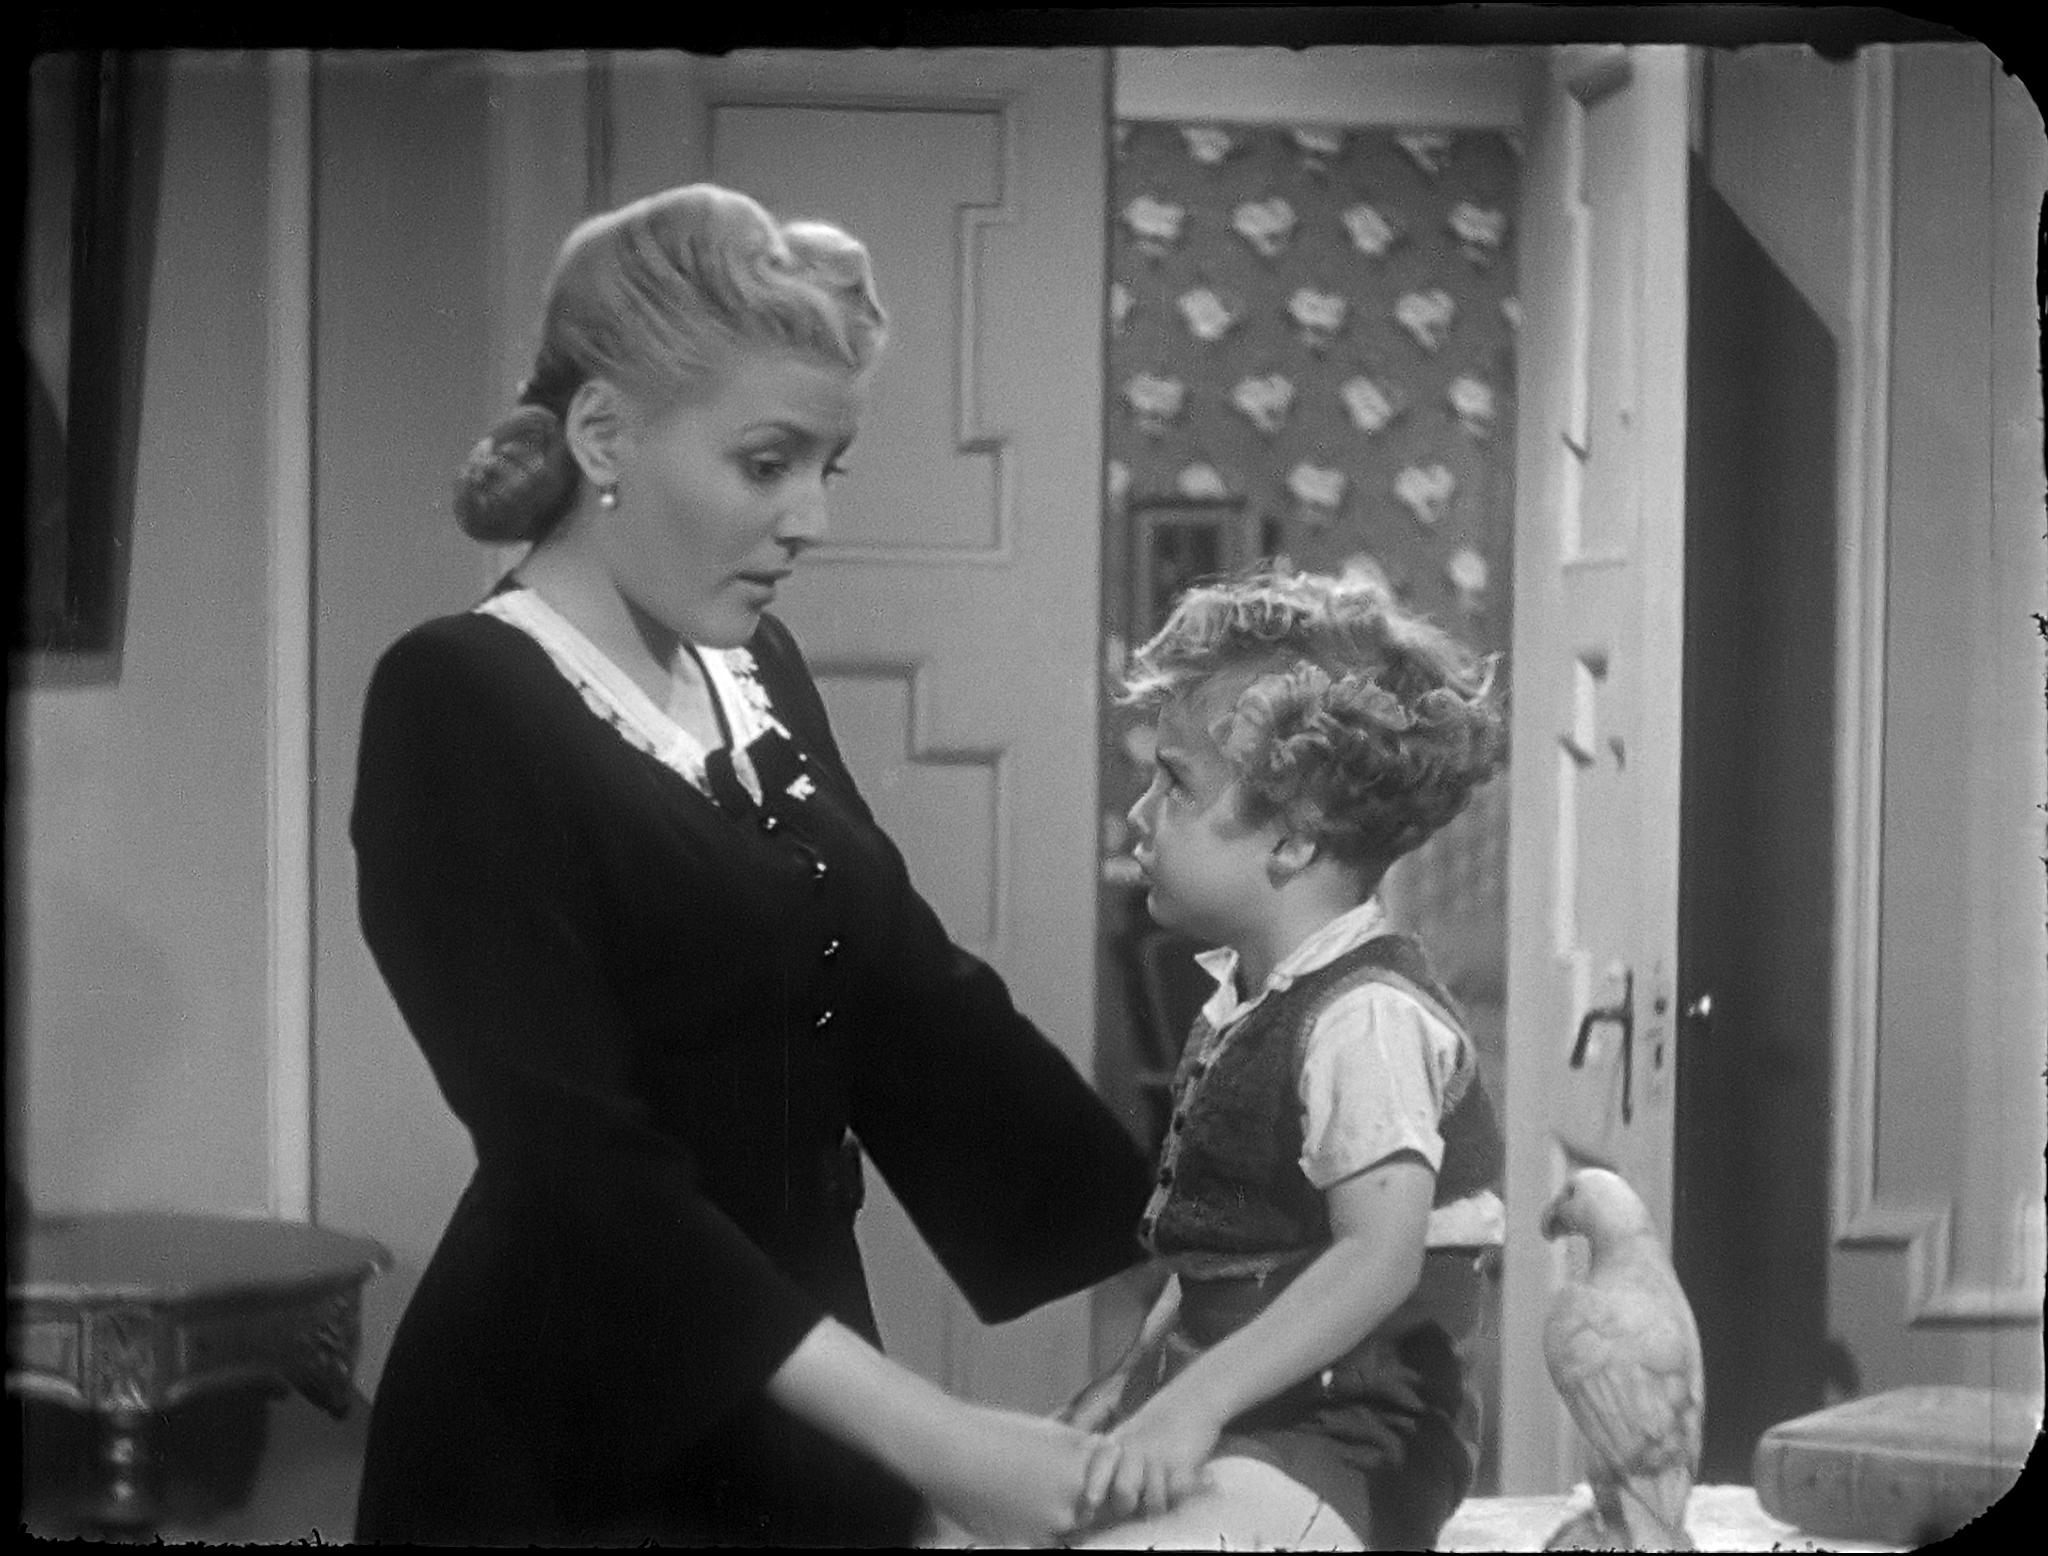 Lina Montes in La mujer que engañamos (1945)